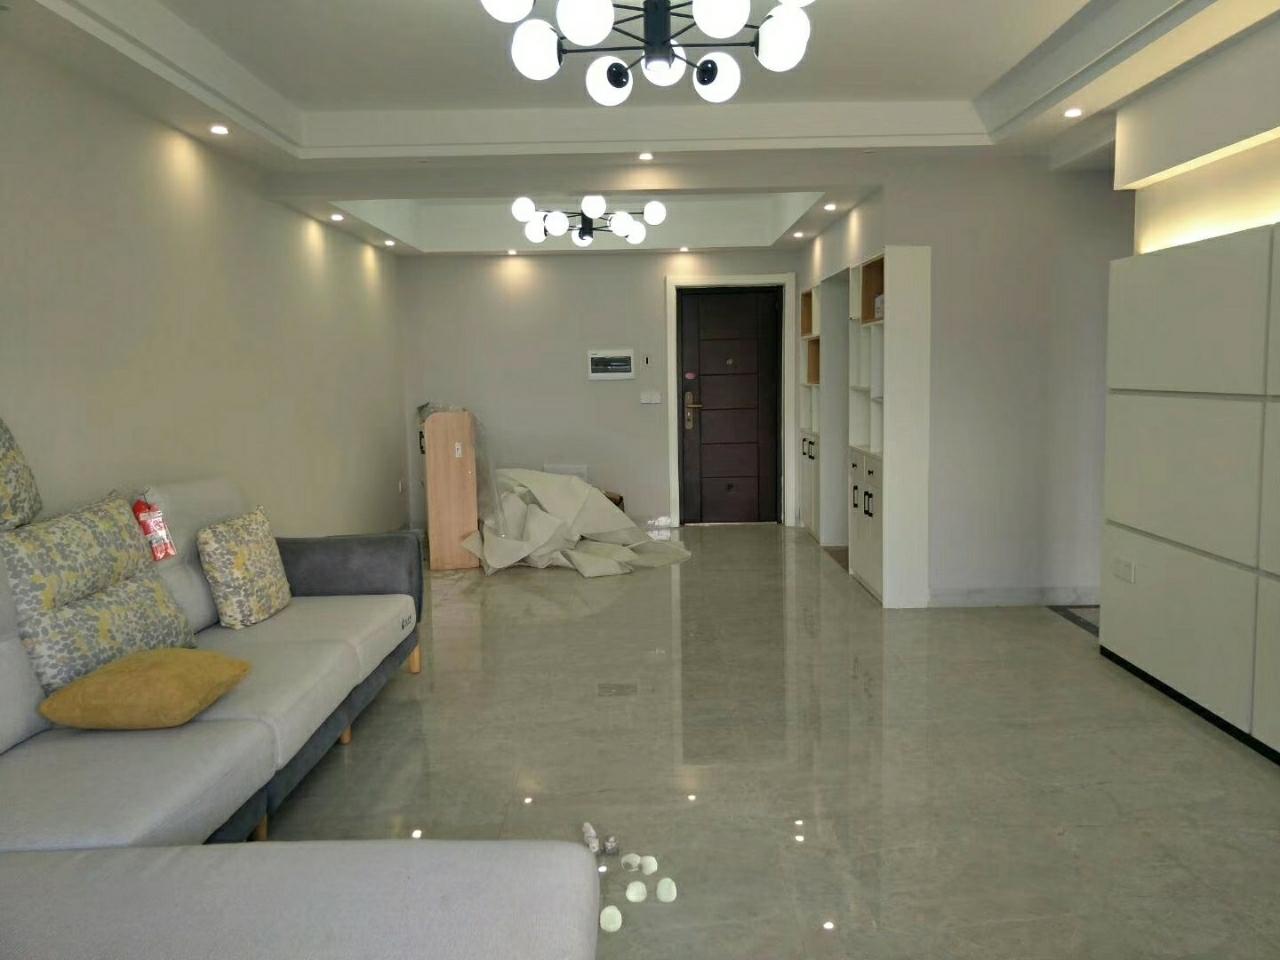 水印丹堤3室 一线江景,仅售95万元